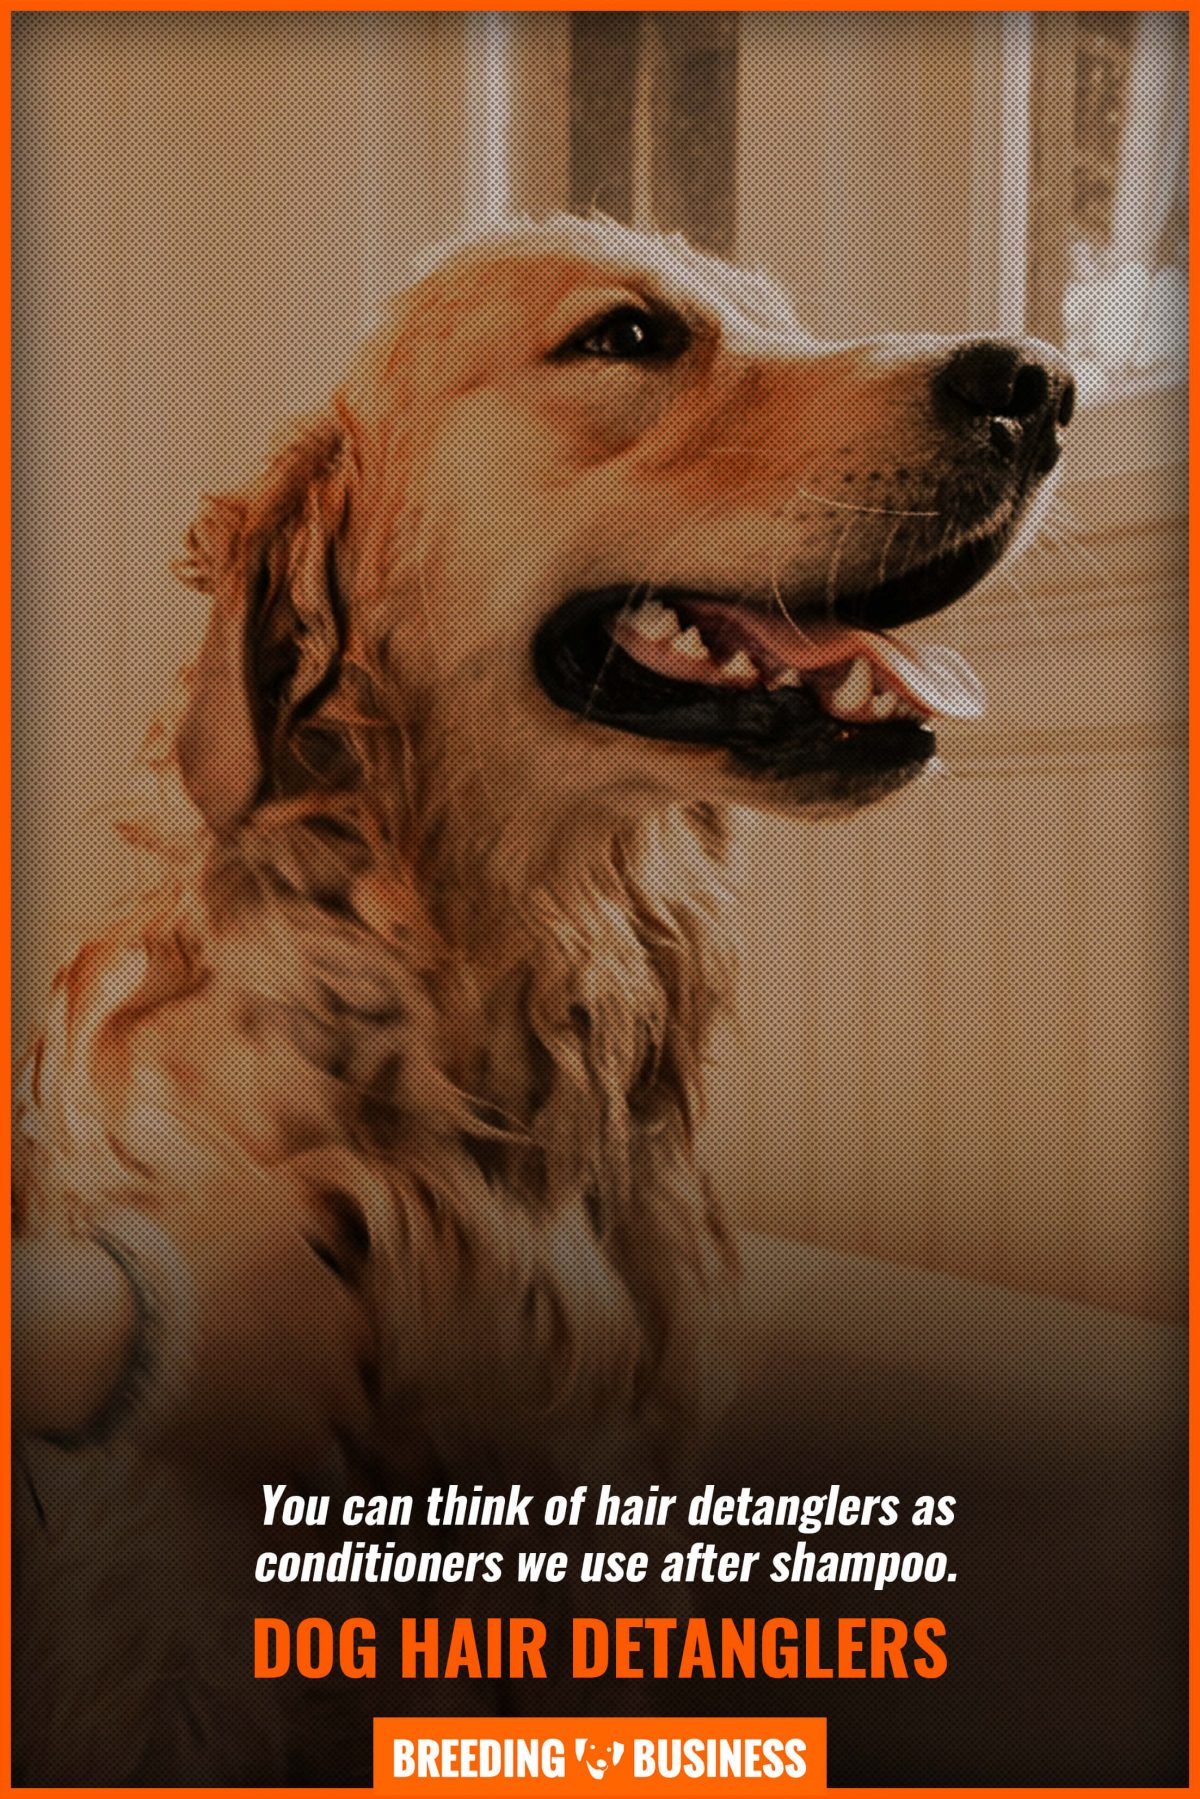 dog-hair-detanglers